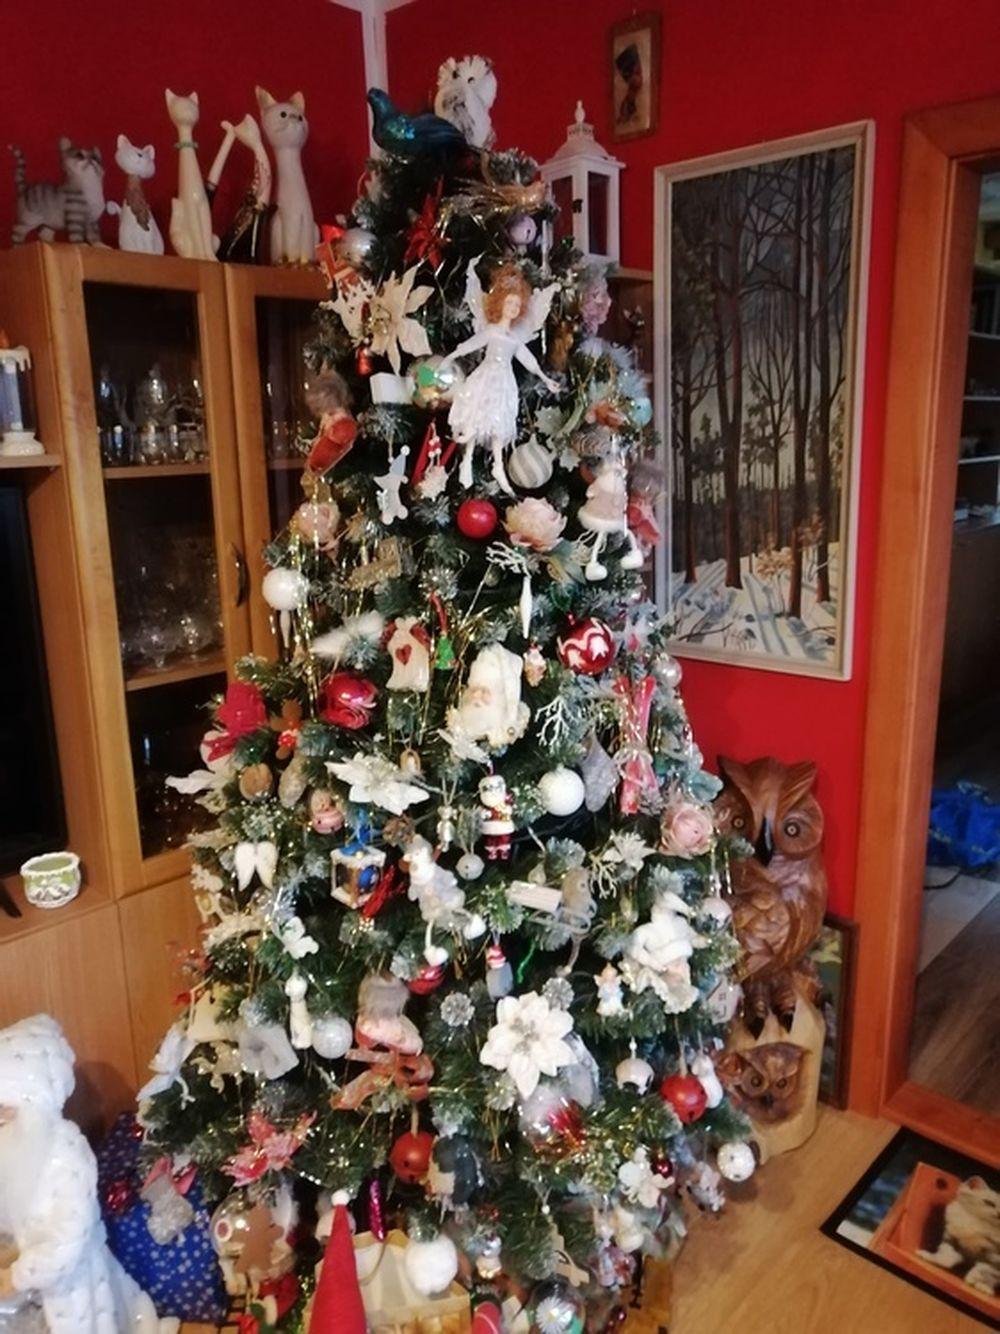 FOTO: Vianočné stromčeky v Žiline - výber fotografií našich čitateľov, foto 12